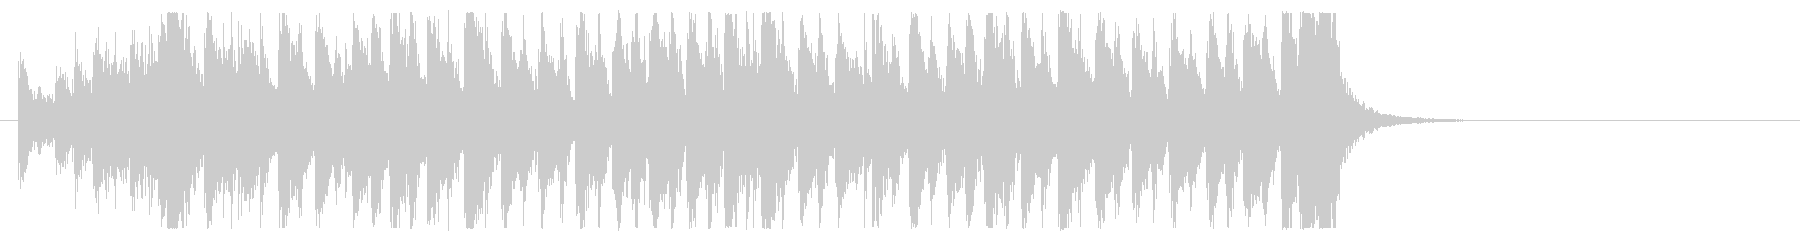 三味線 太鼓のアンサンブル BPM136の未再生の波形